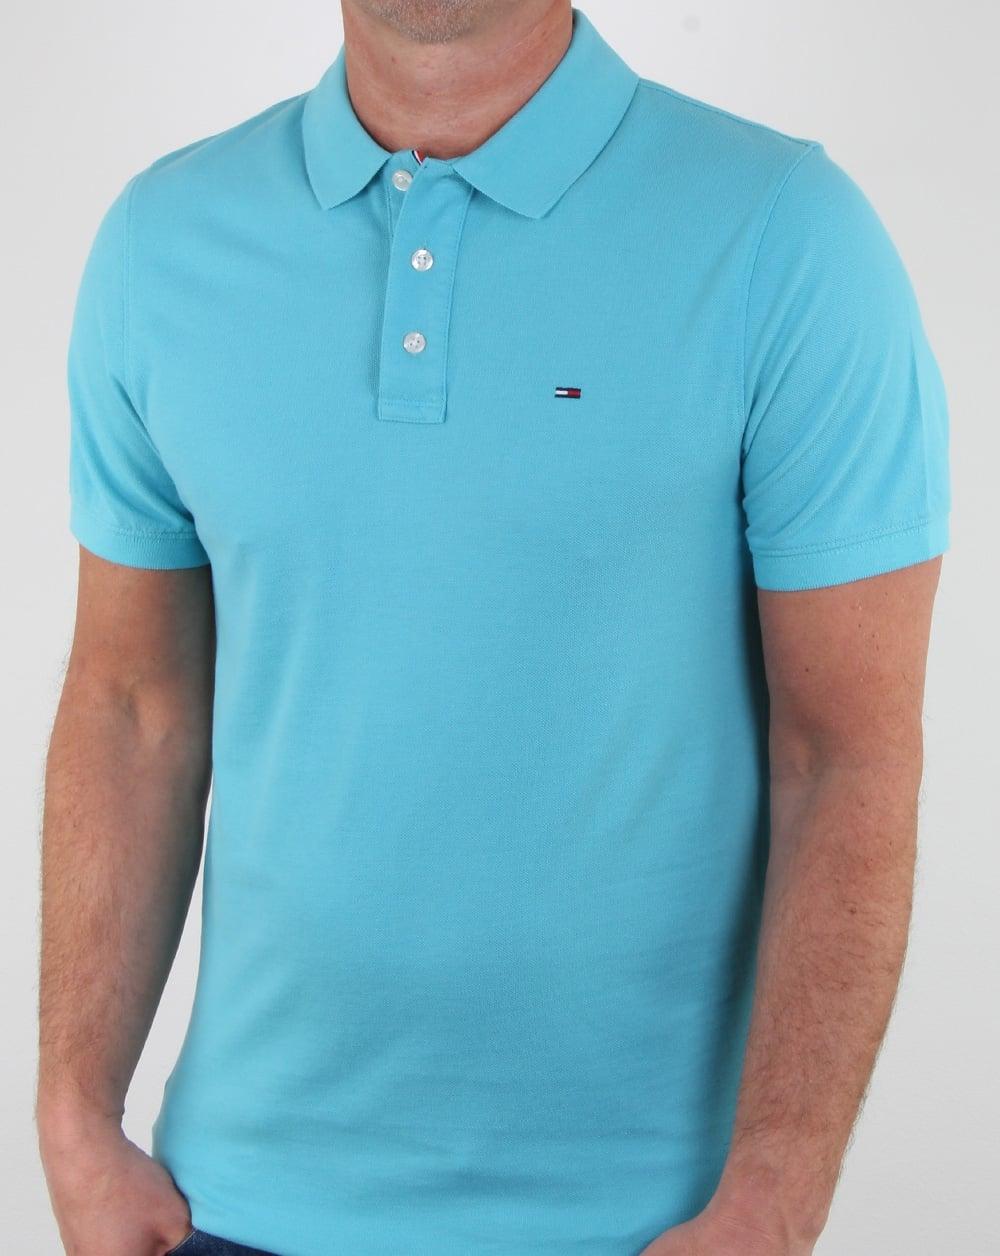 23caf7468 Tommy Hilfiger Jeans Tommy Hilfiger Cotton Pique Polo Shirt Aqua Blue